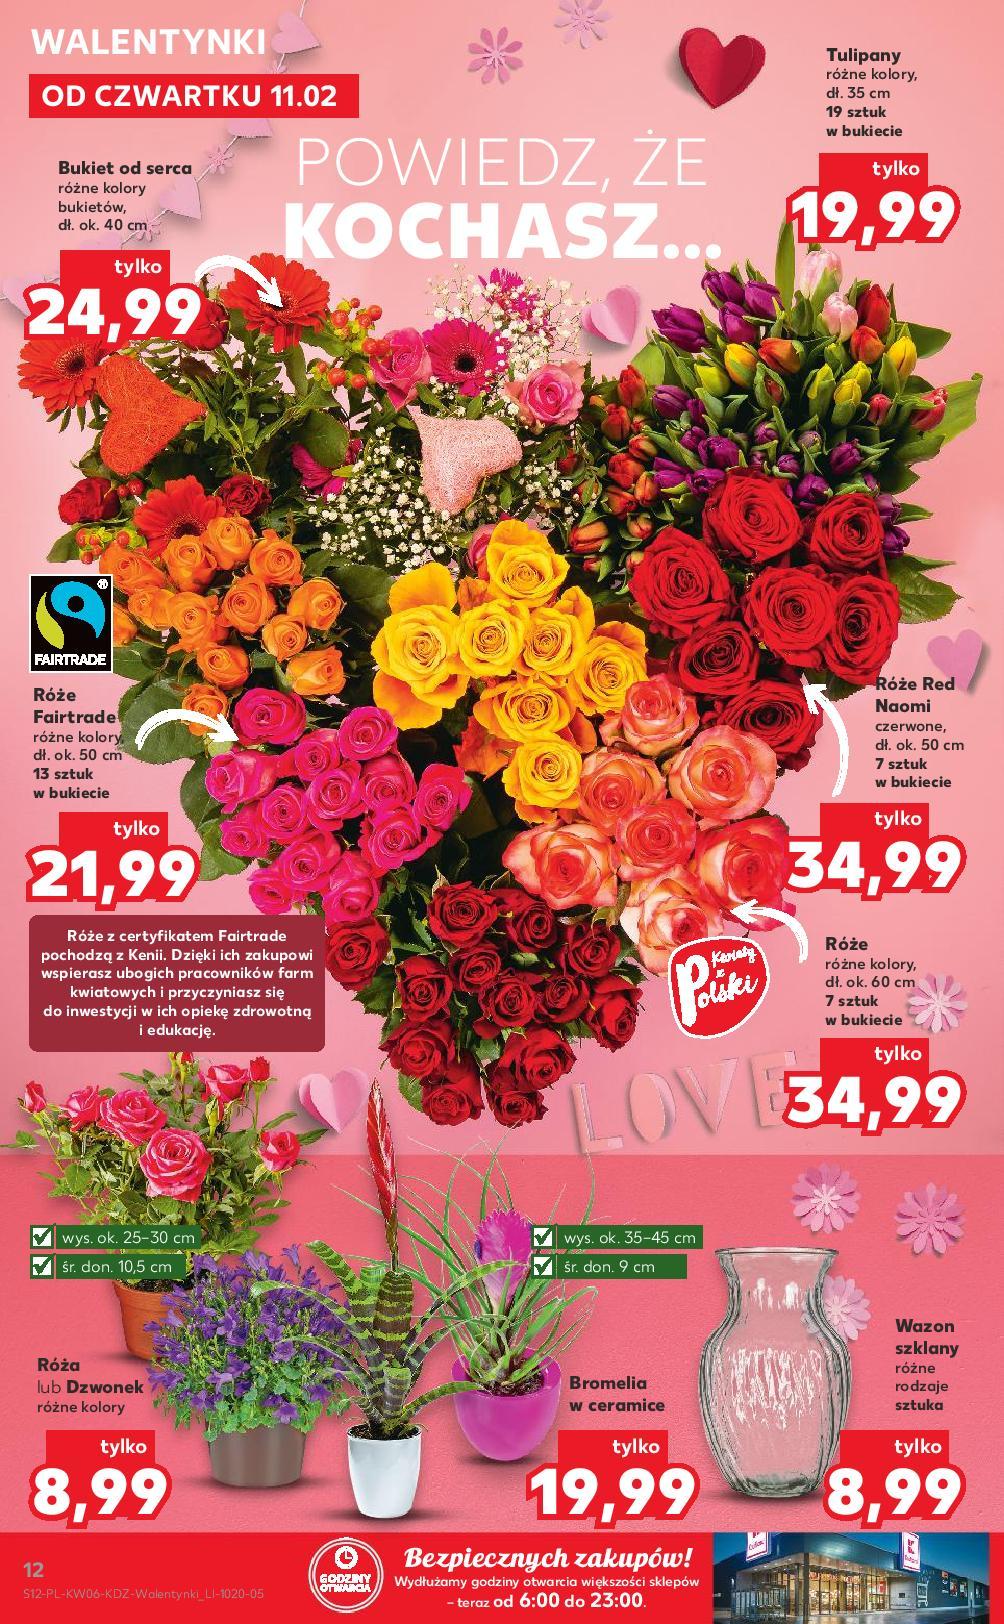 Kaufland 11 02 2021 Gazetka Walentynki Kwiaty